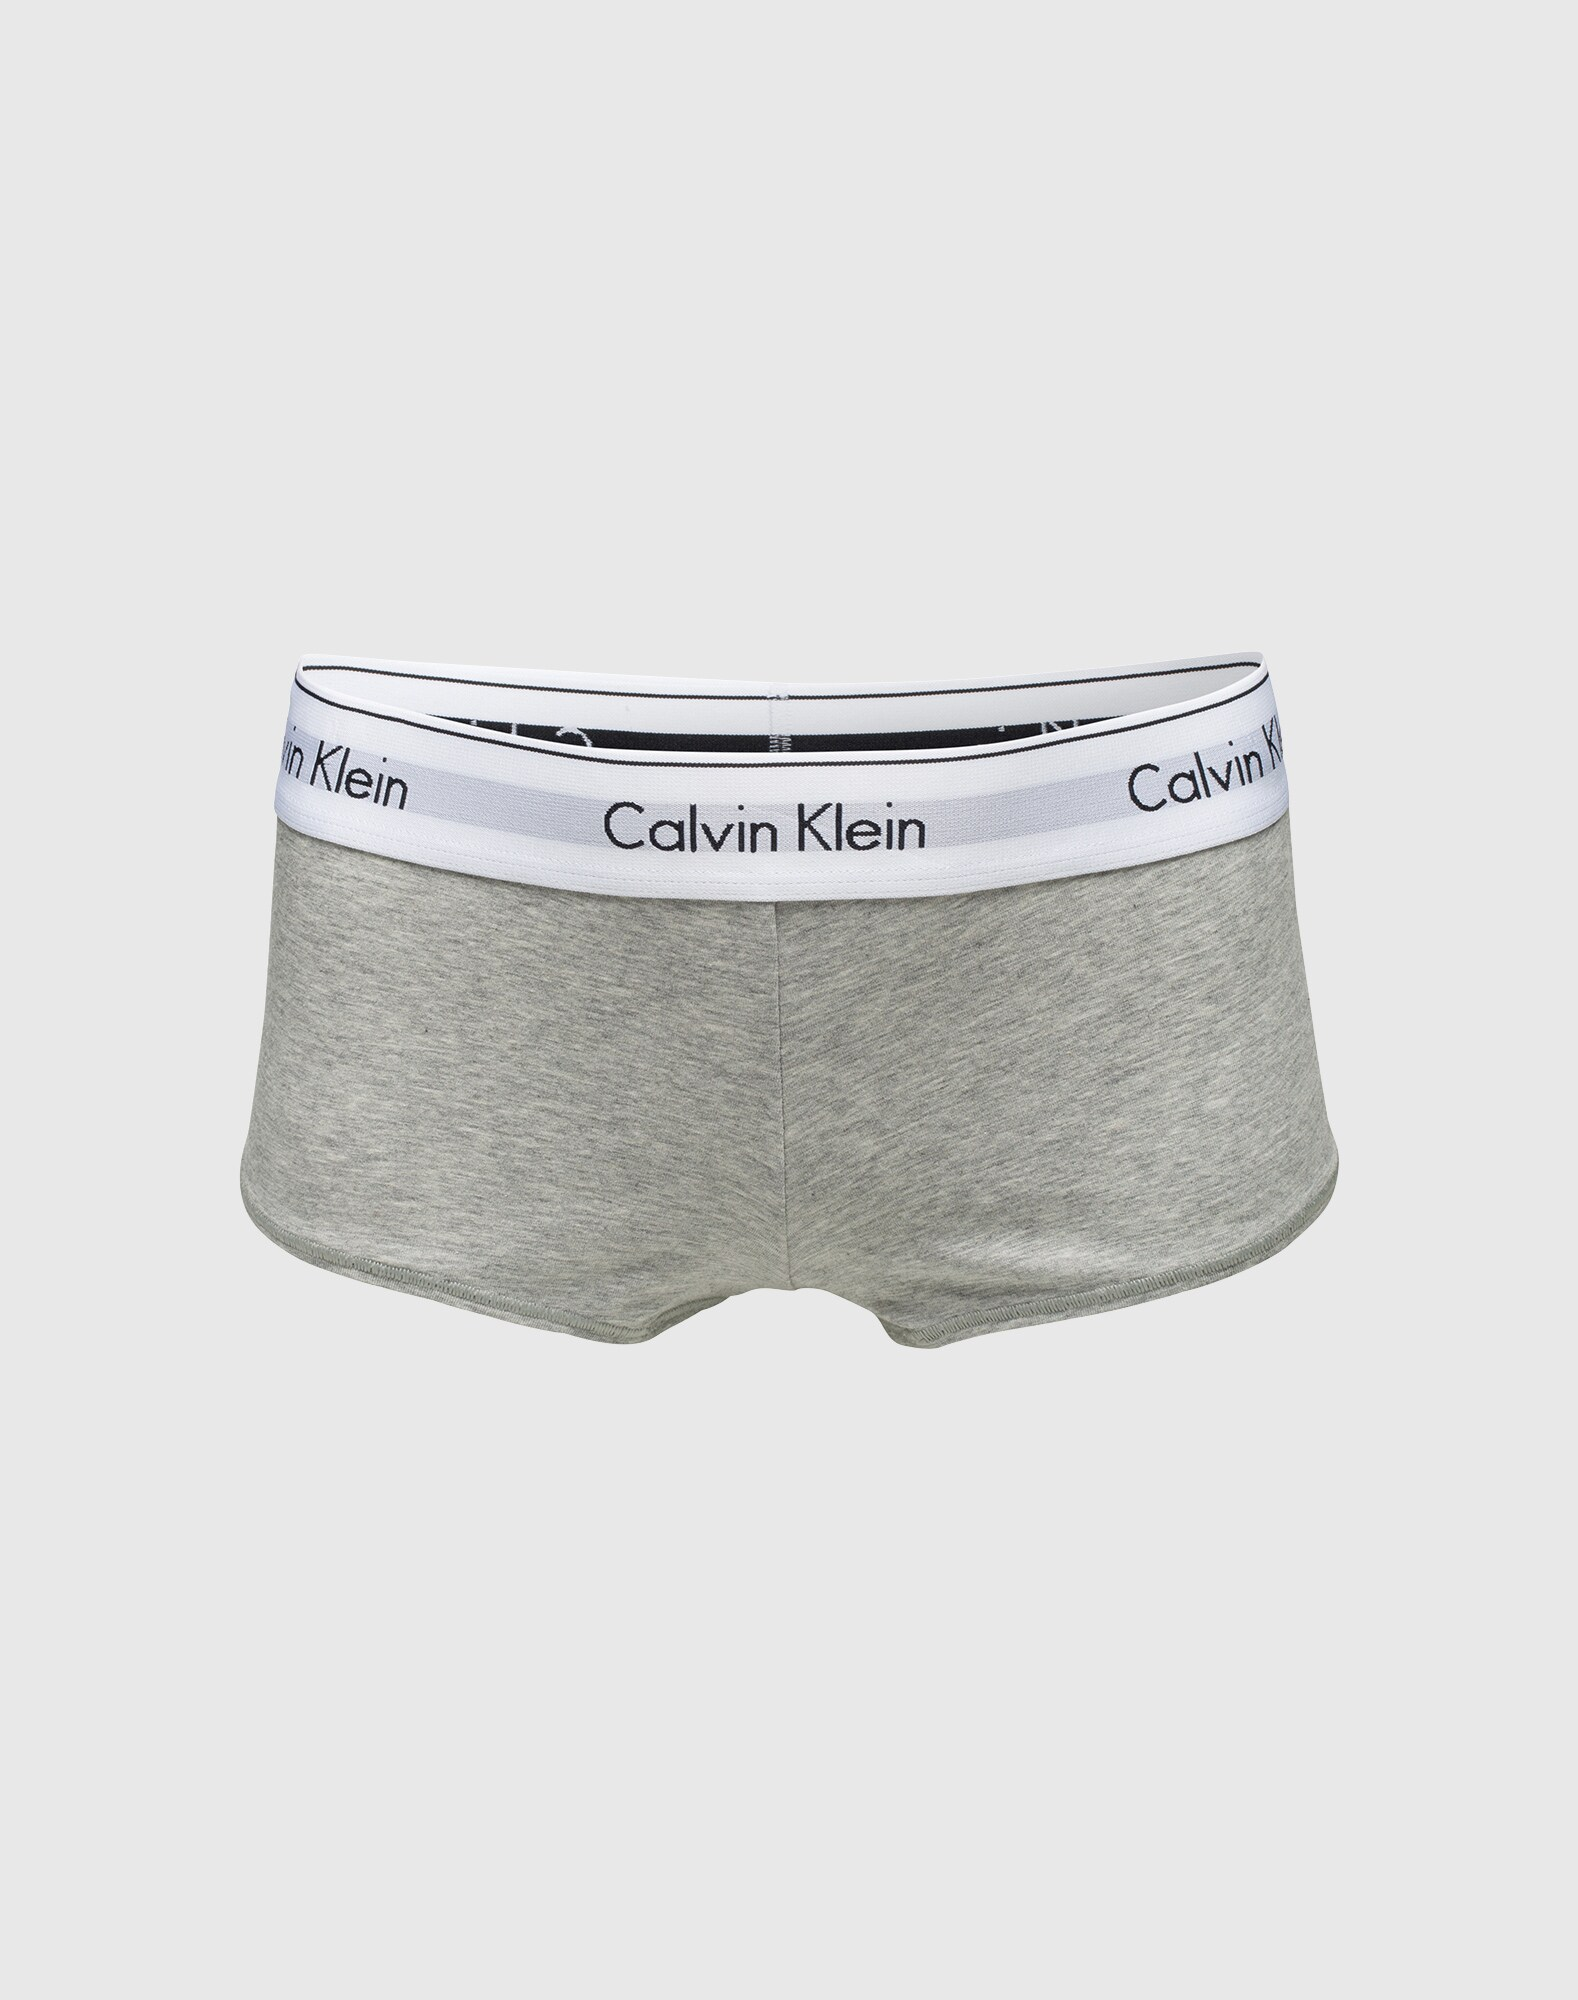 Calvin Klein Underwear, Dames Broekje, grijs